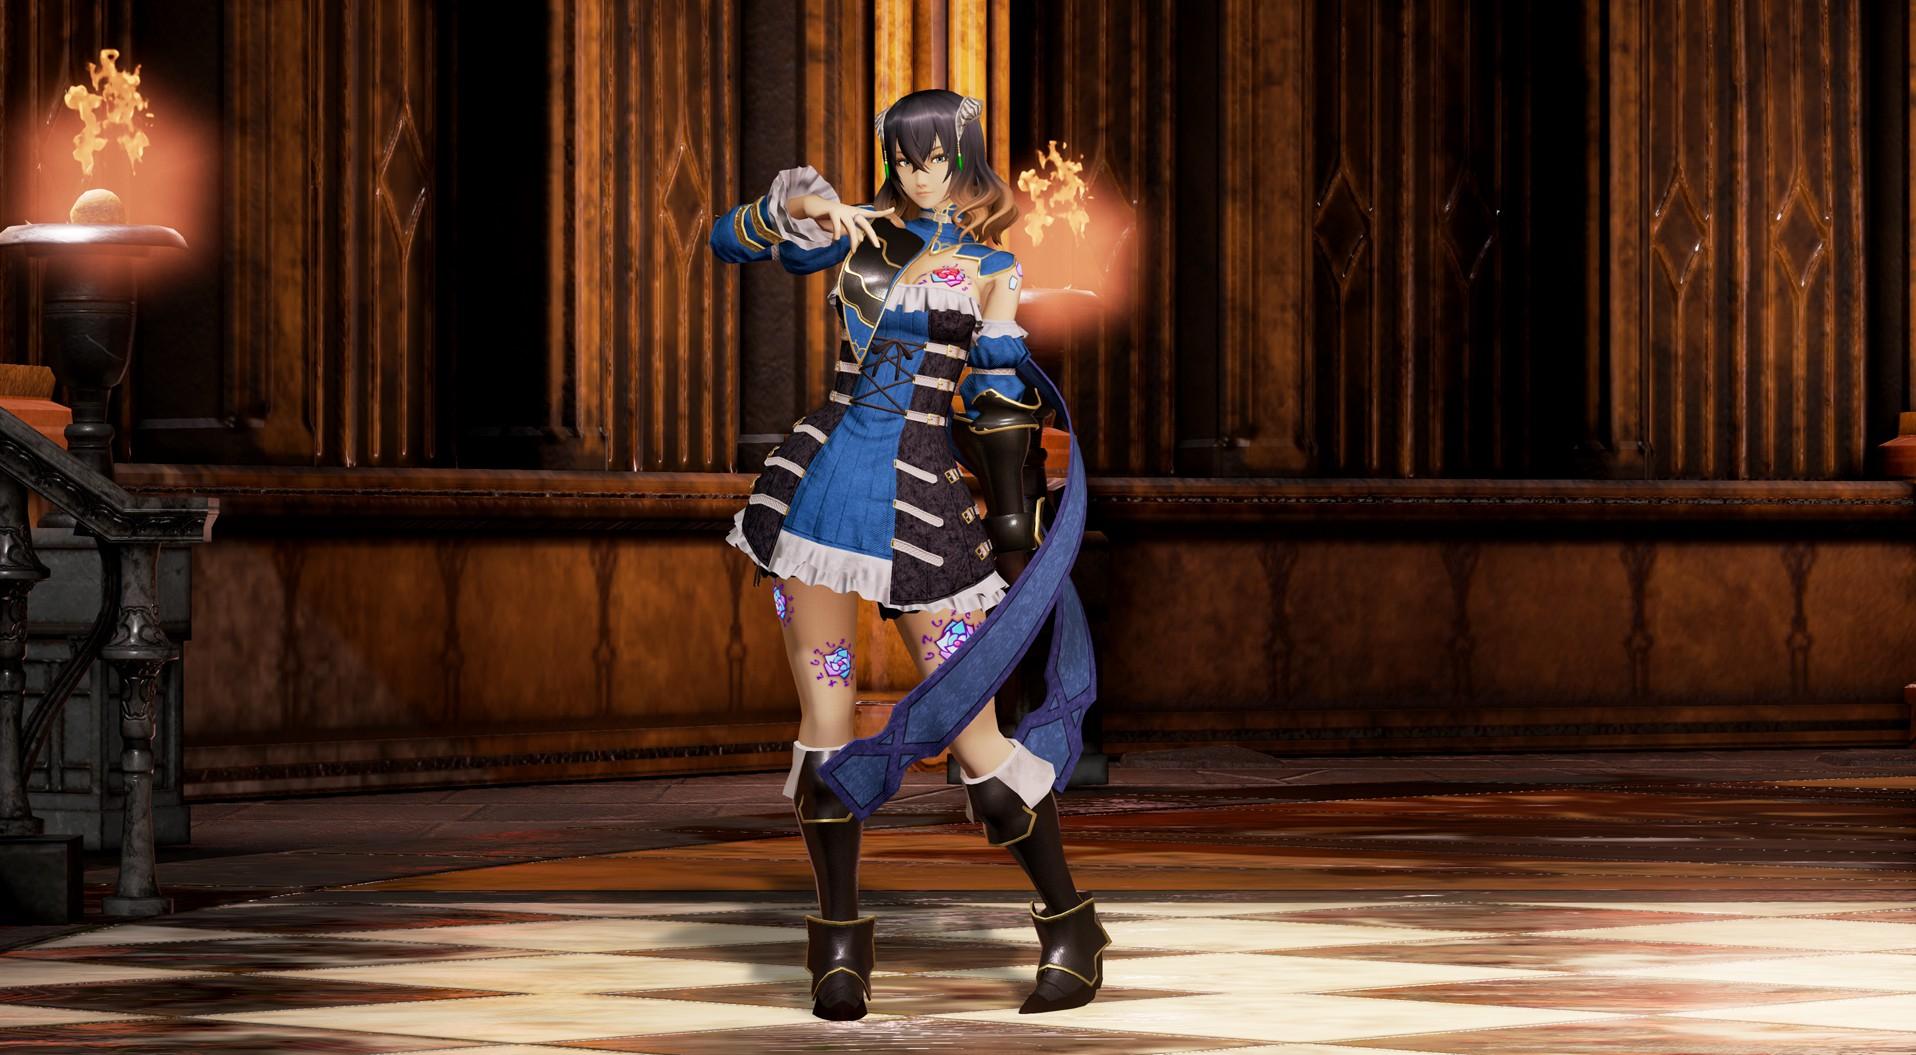 《血迹:夜之仪式》着色方案确定 3D女主模型欣赏